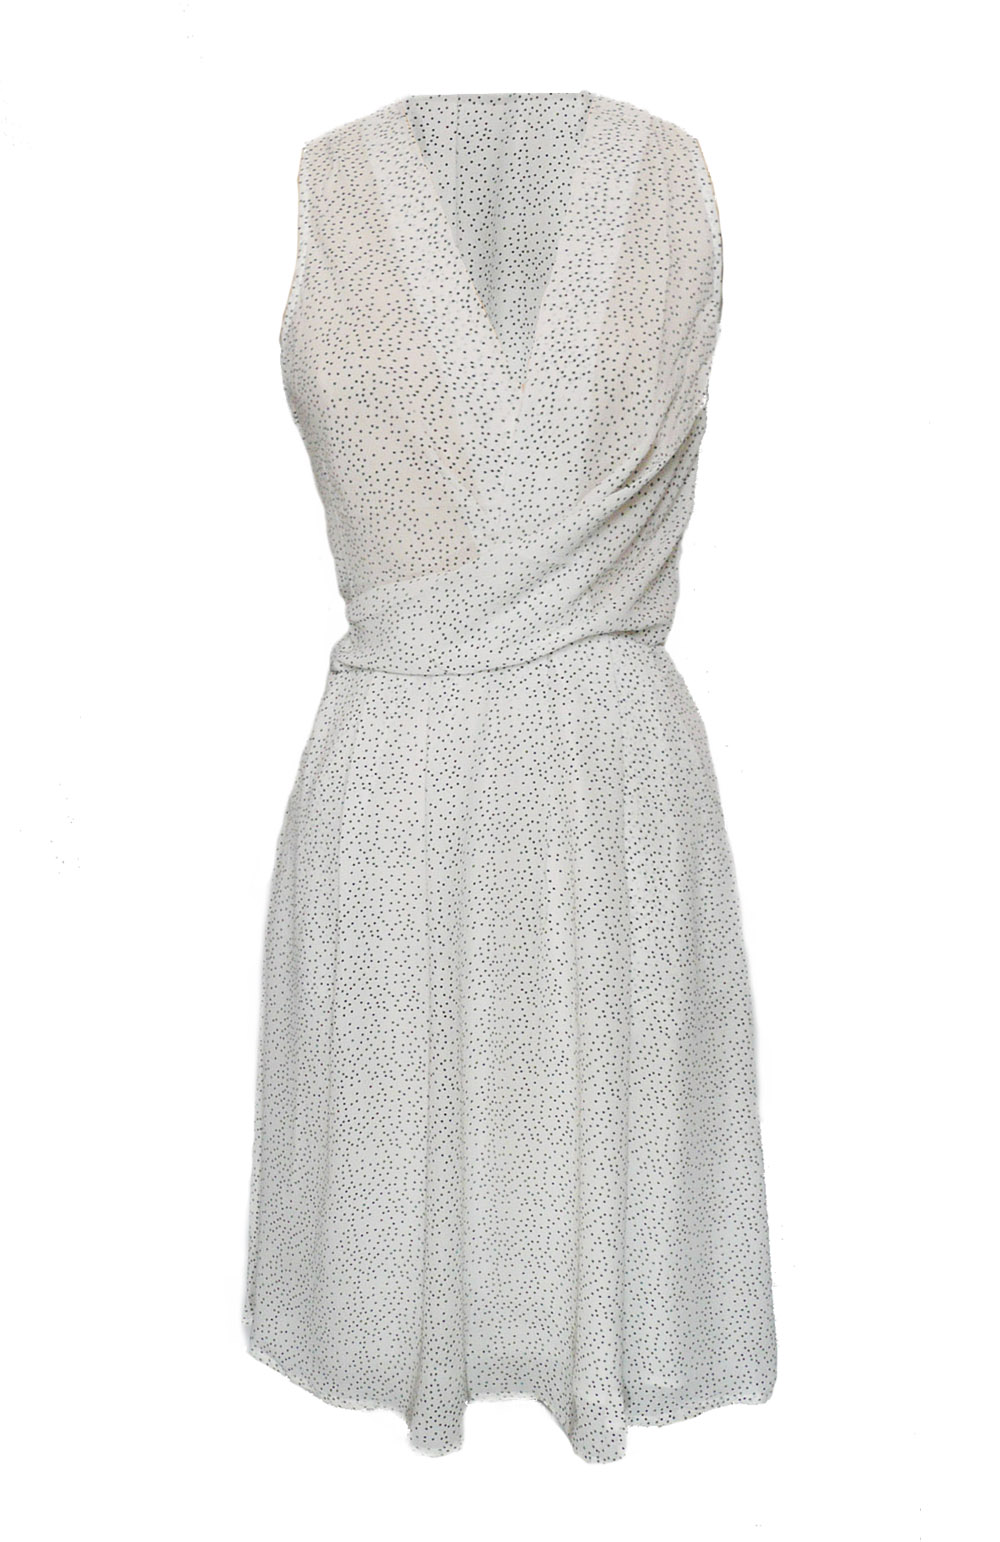 dress chiffon dot.jpg